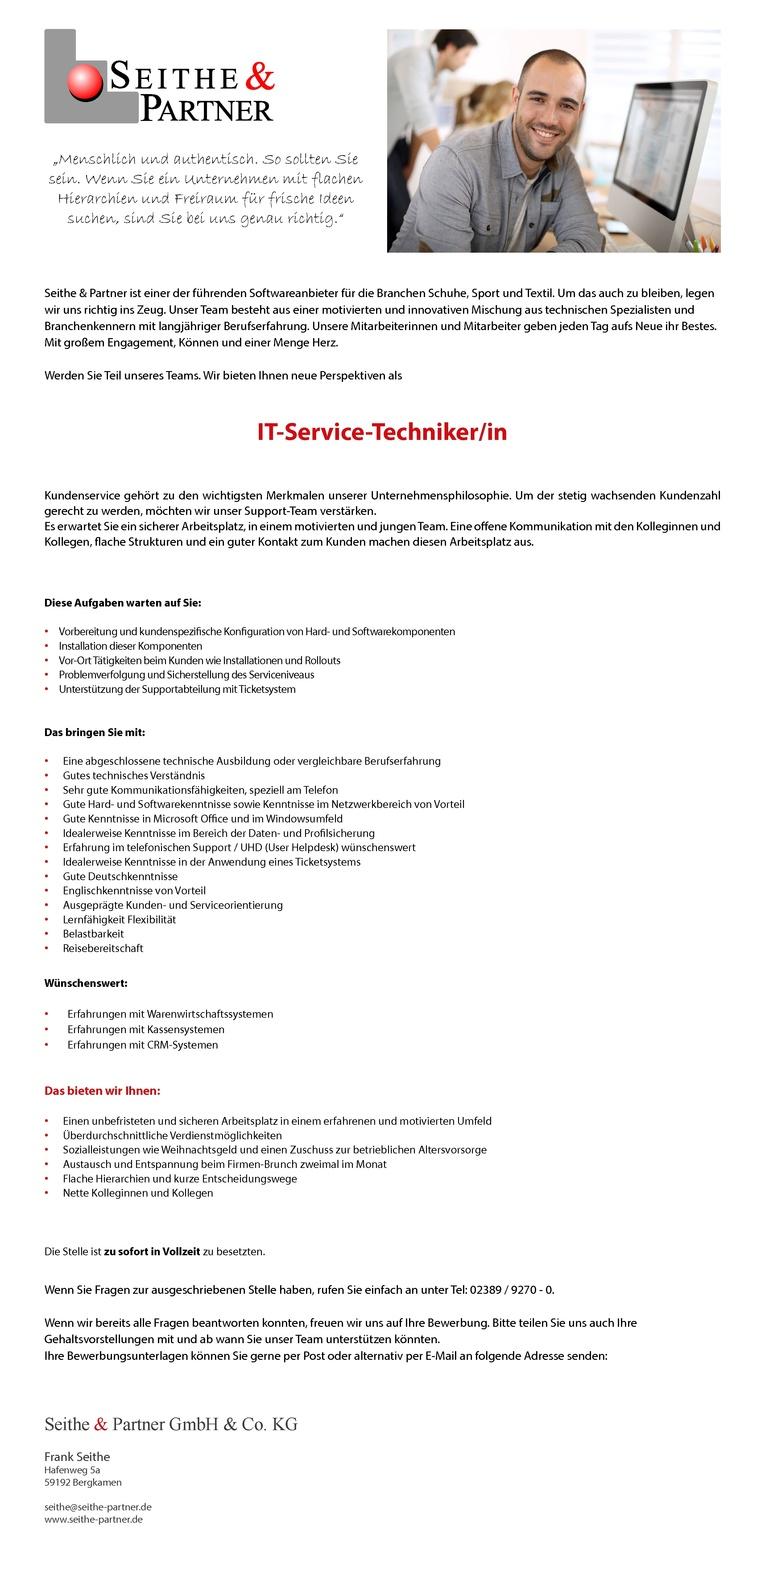 IT-Service-Techniker/in